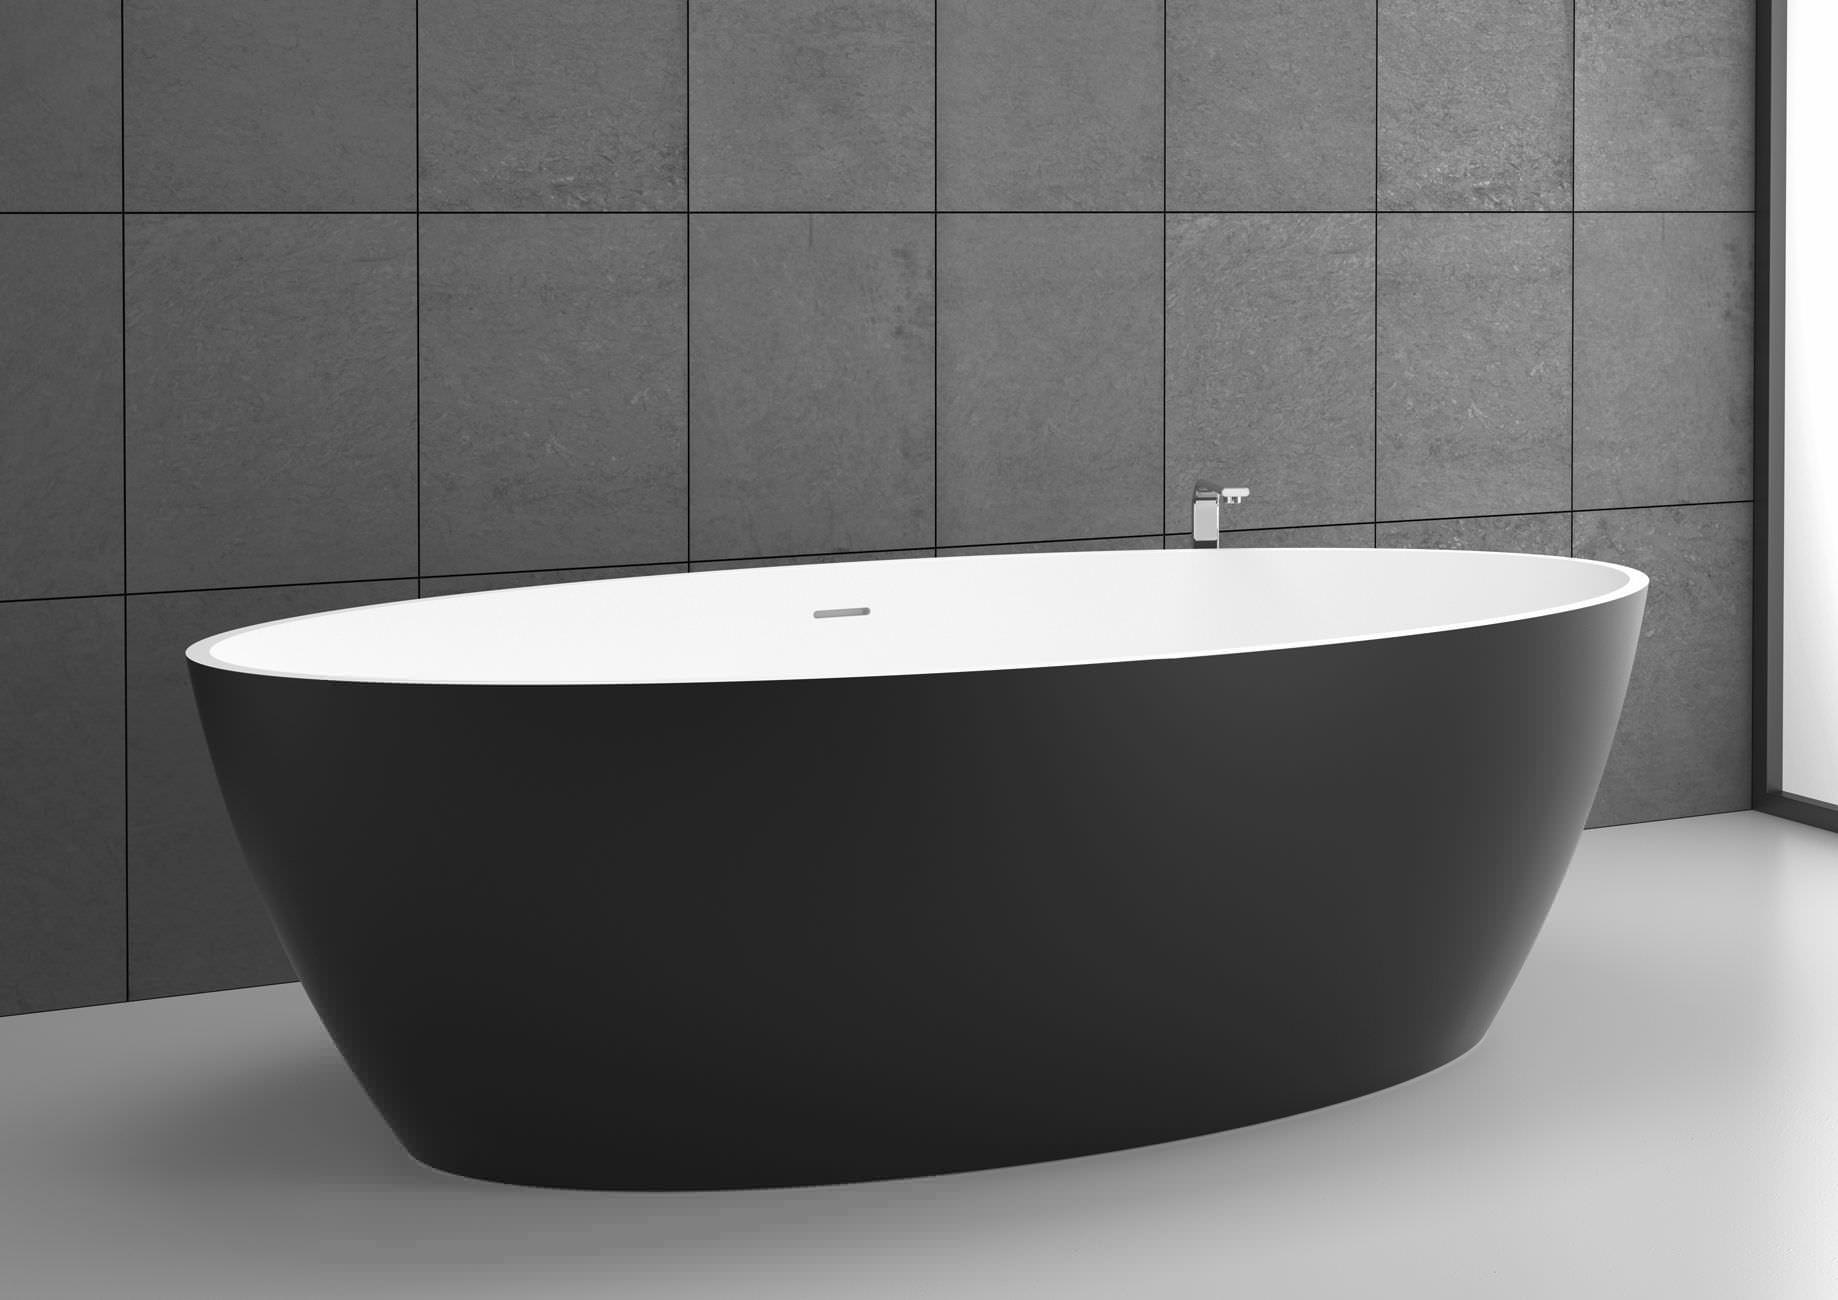 Vasca Da Bagno Piccola Da Appoggio : Vasca da bagno da appoggio ovale in solid surface space 180x85